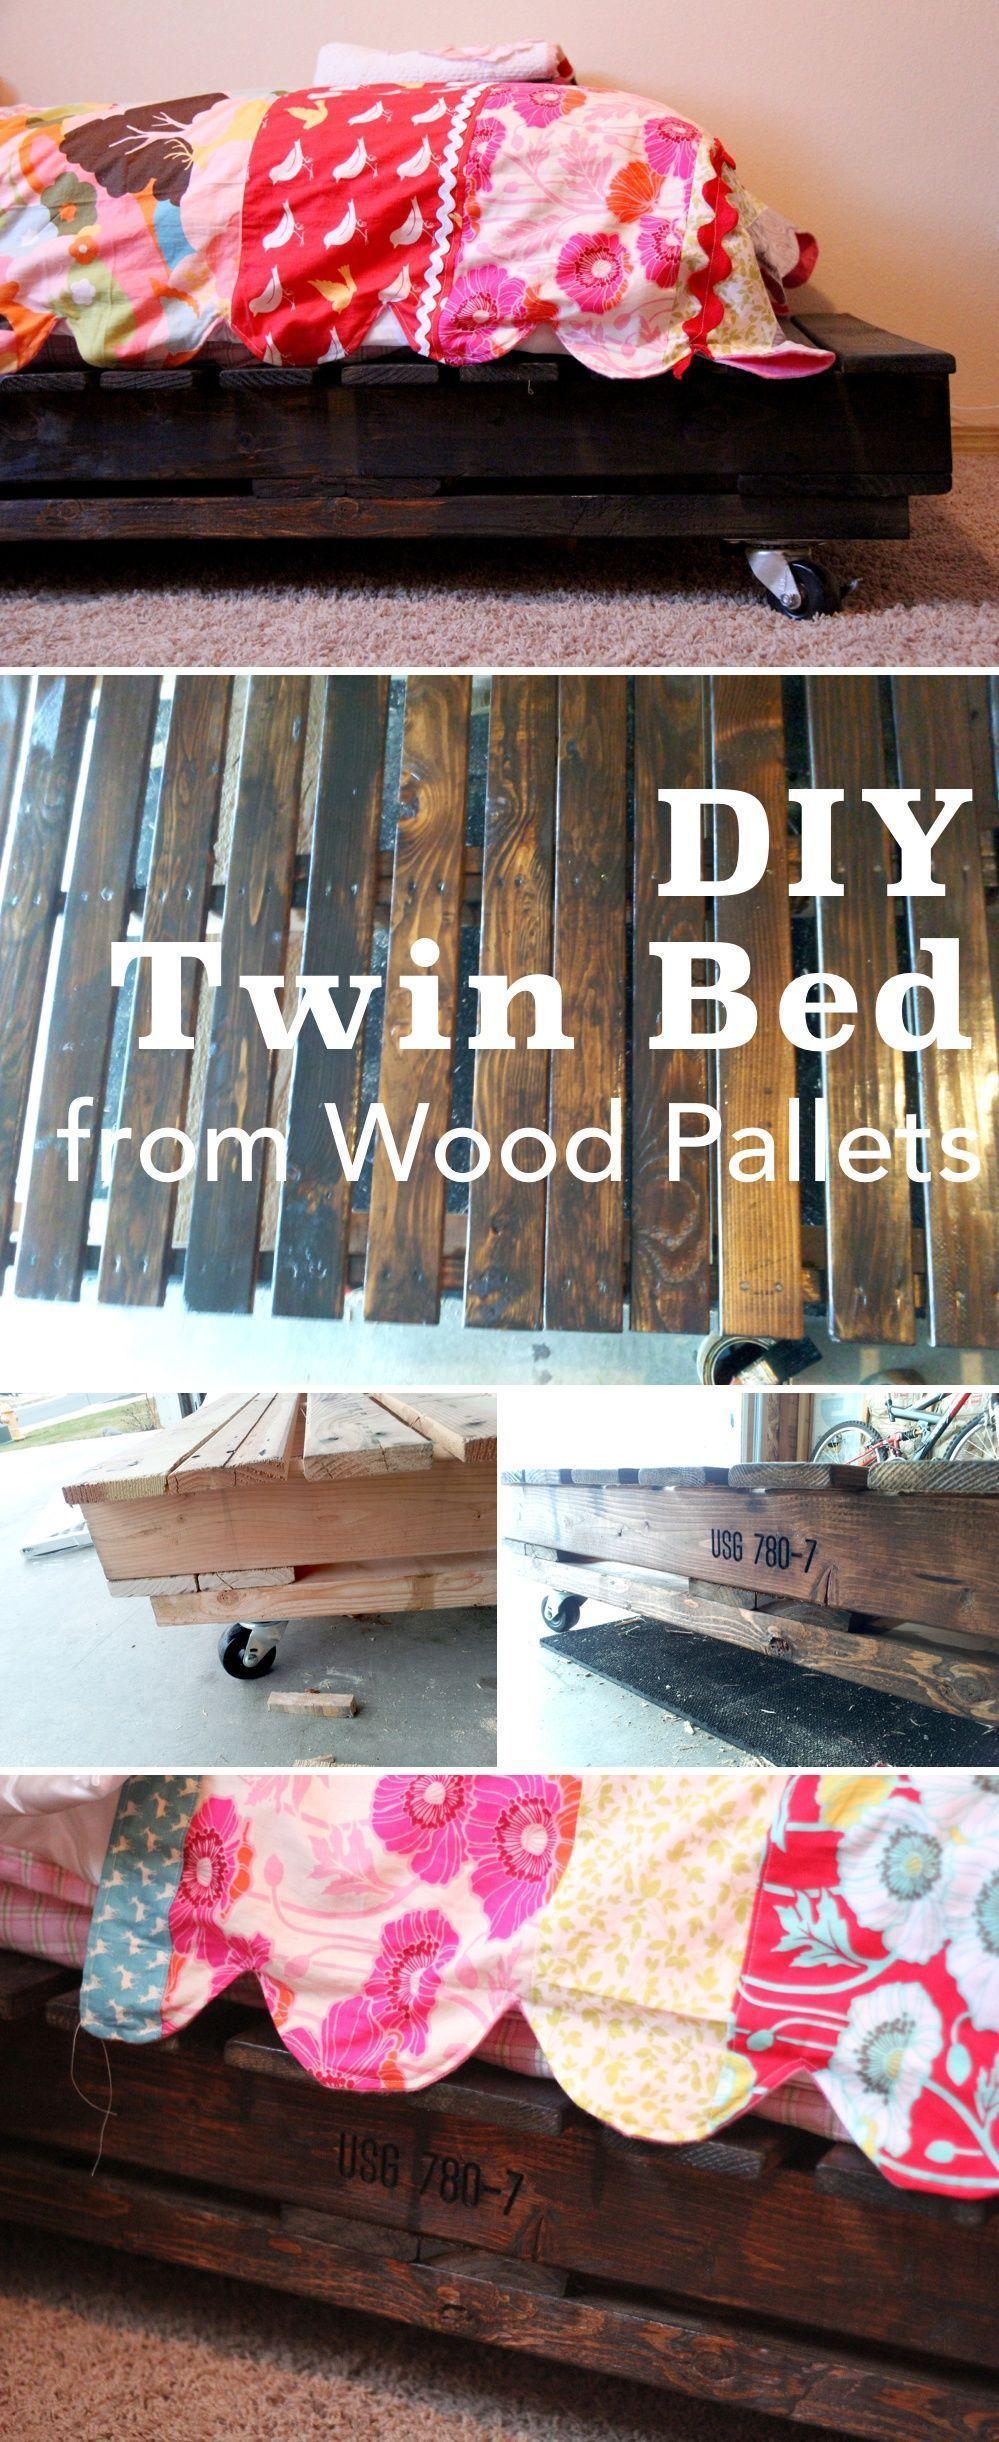 36 einfache DIY-Bettrahmenprojekte zur Aufwertung Ihres Schlafzimmers | Homelovr DIY Twin Bed - 36 einfache